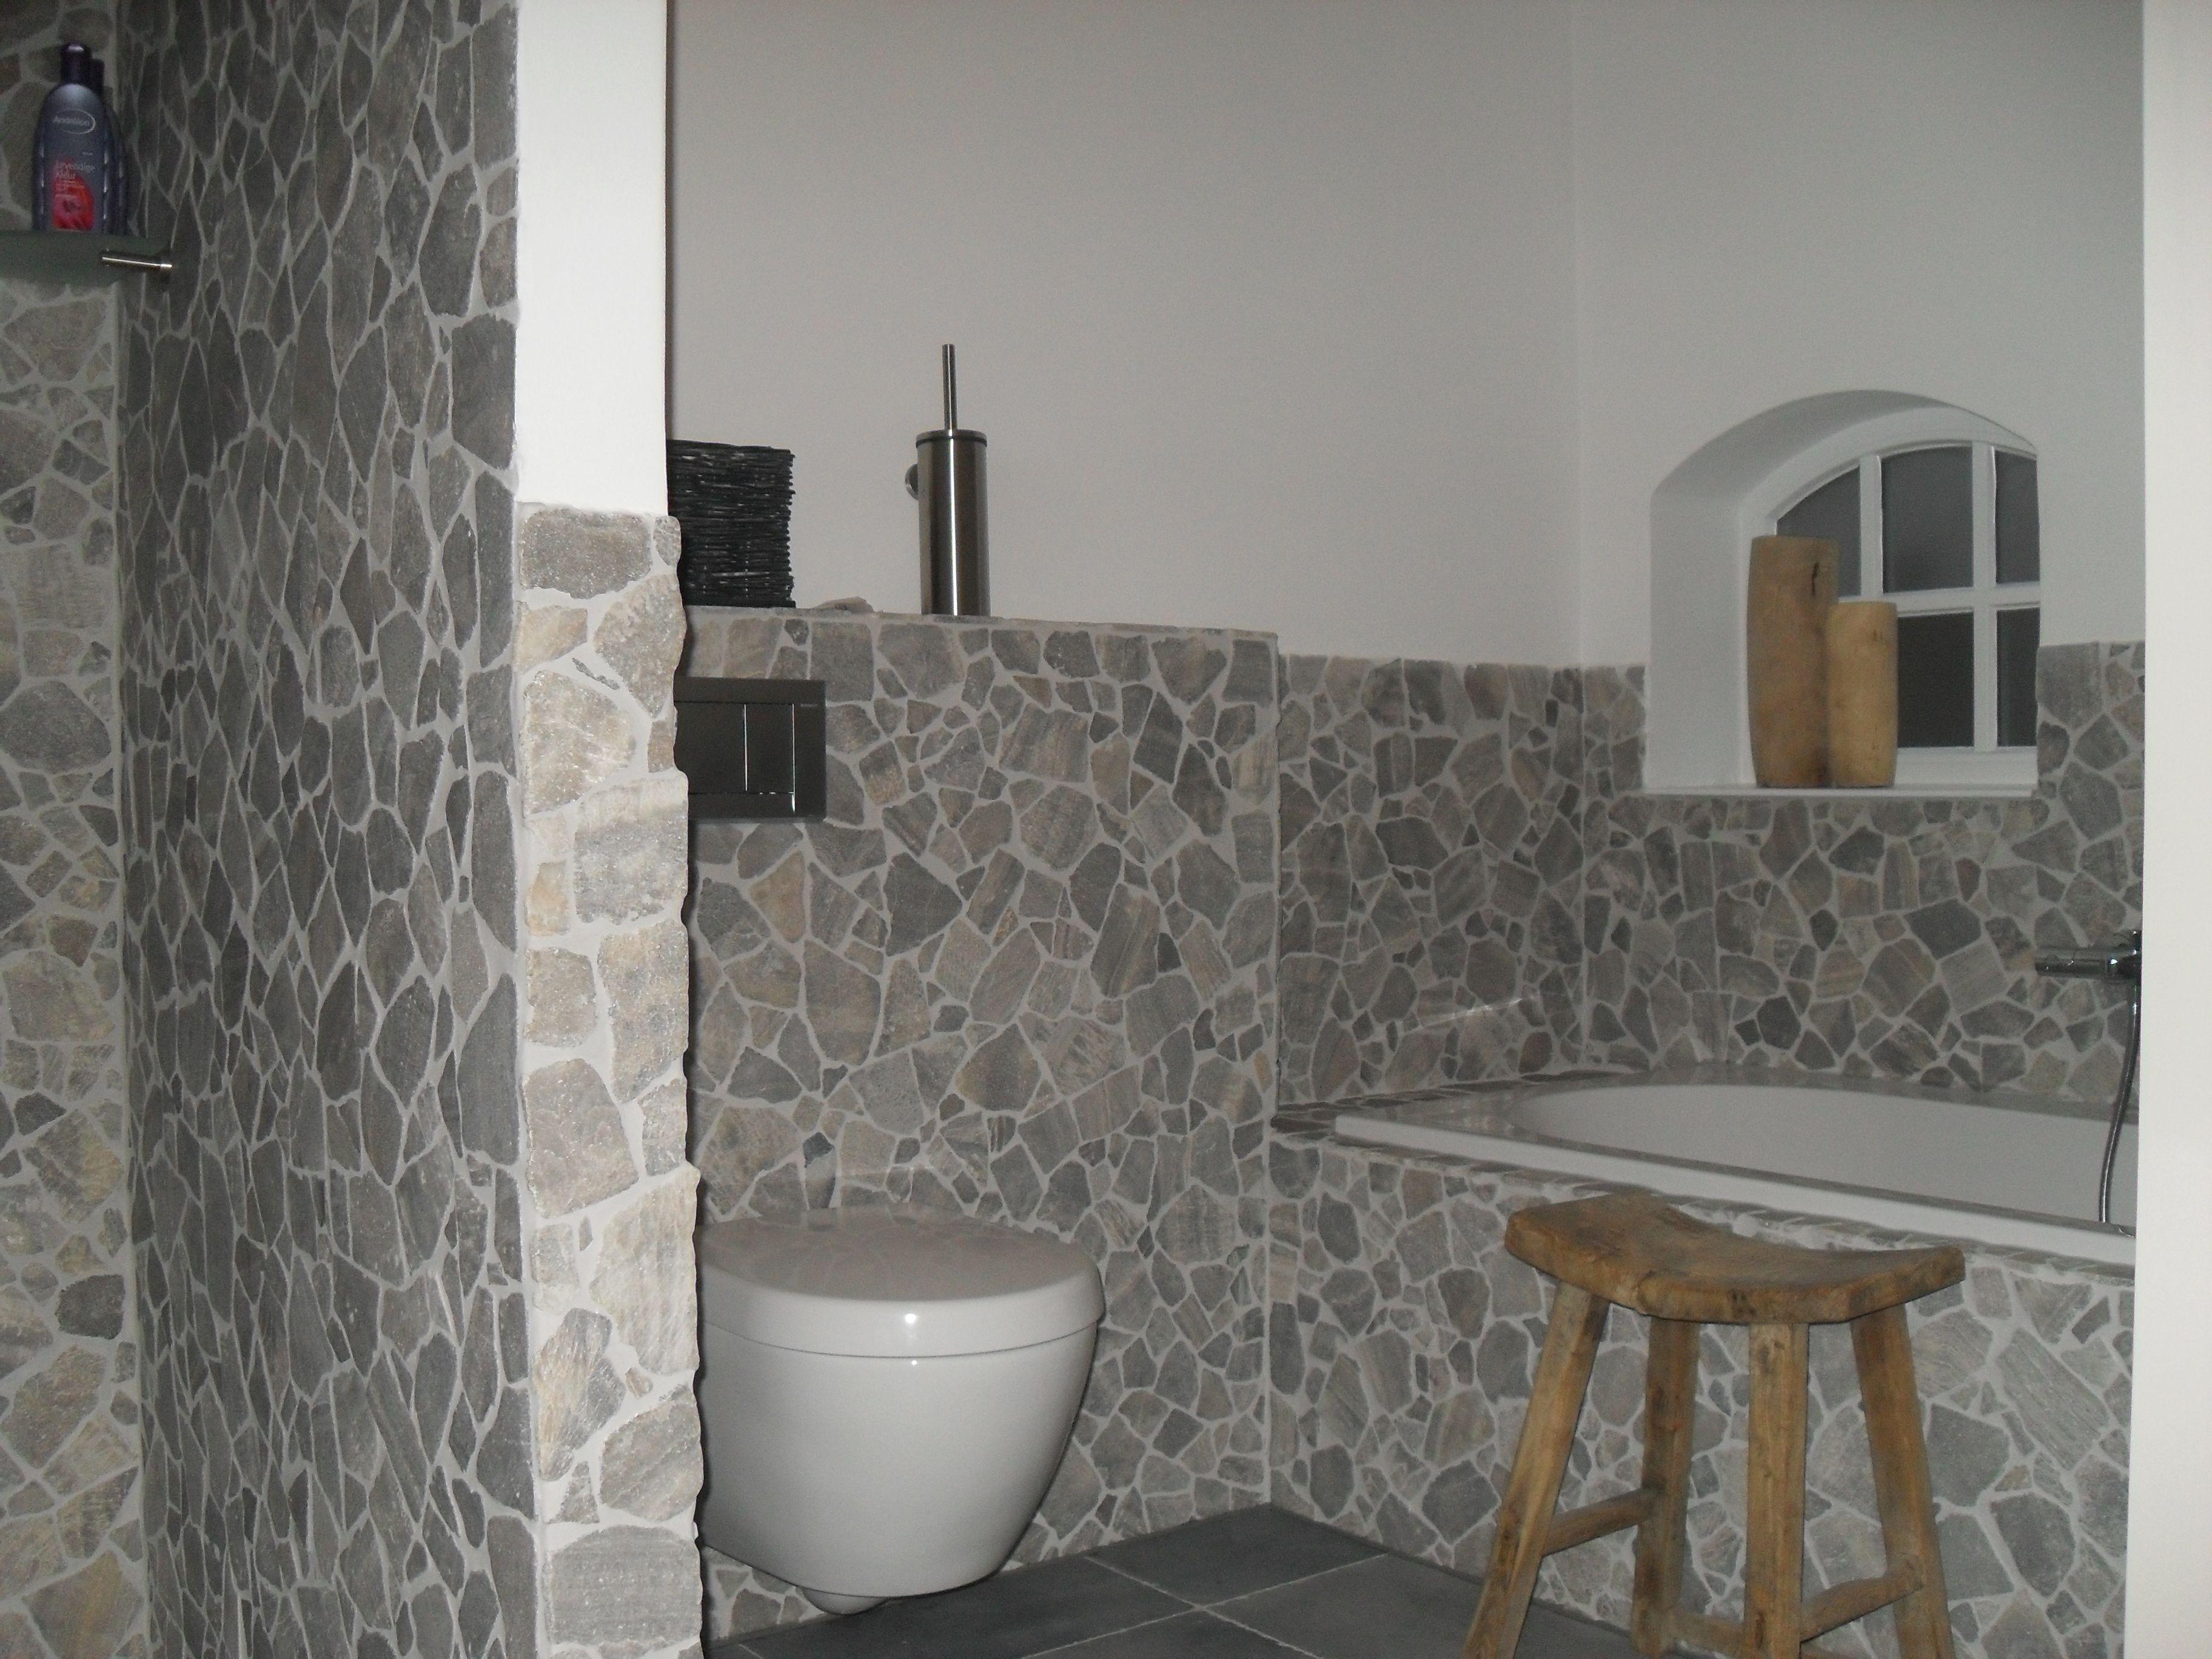 Badkamer in natuursteen mozaiek te markelo badkamers made by tegel bad pinterest tes and - Badkamer tegels mozaiek ...